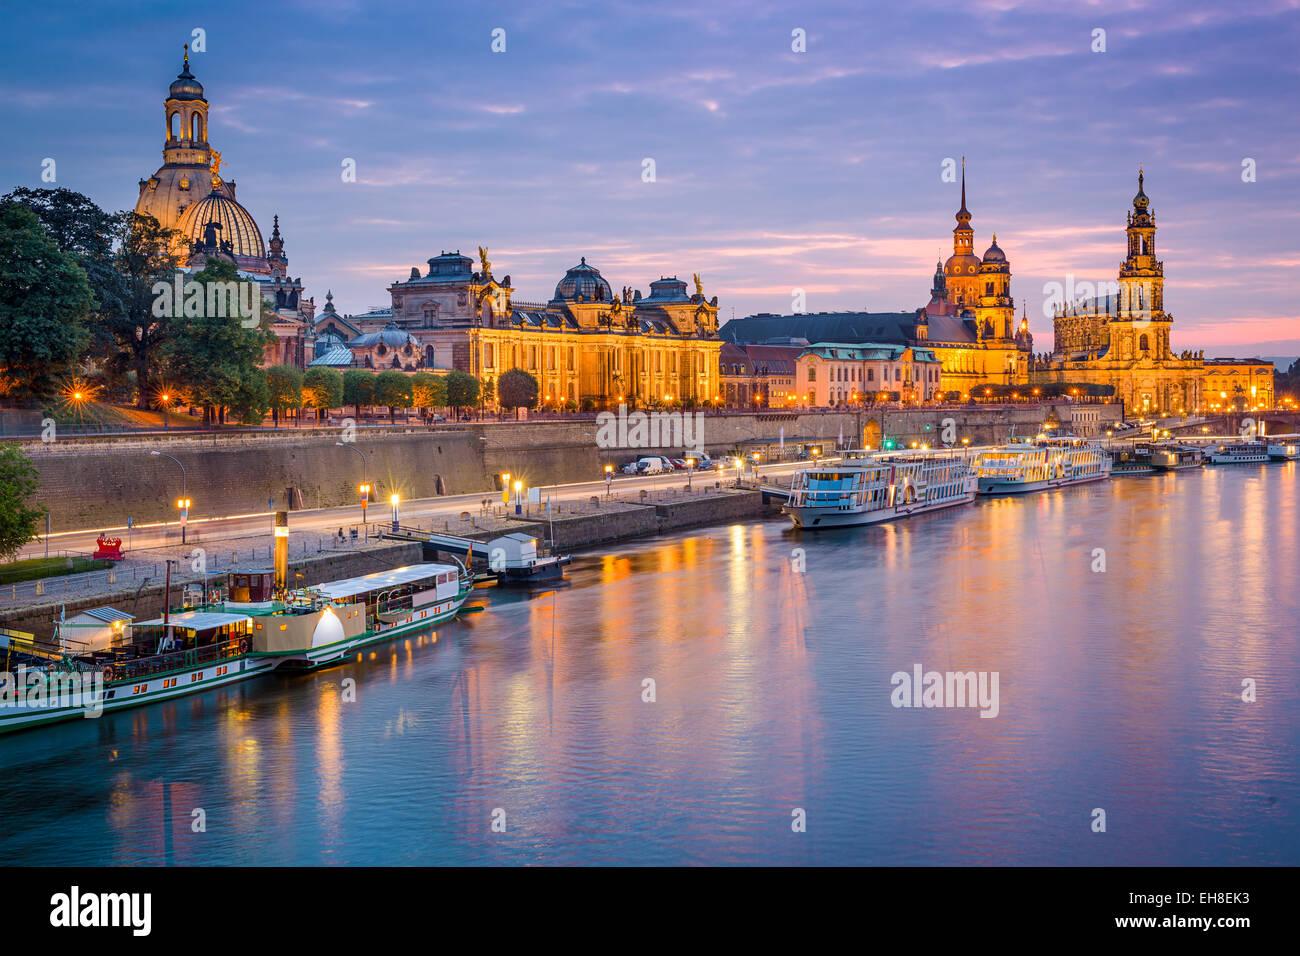 Casco antiguo de Dresden, Alemania skyline en el río Elba. Imagen De Stock